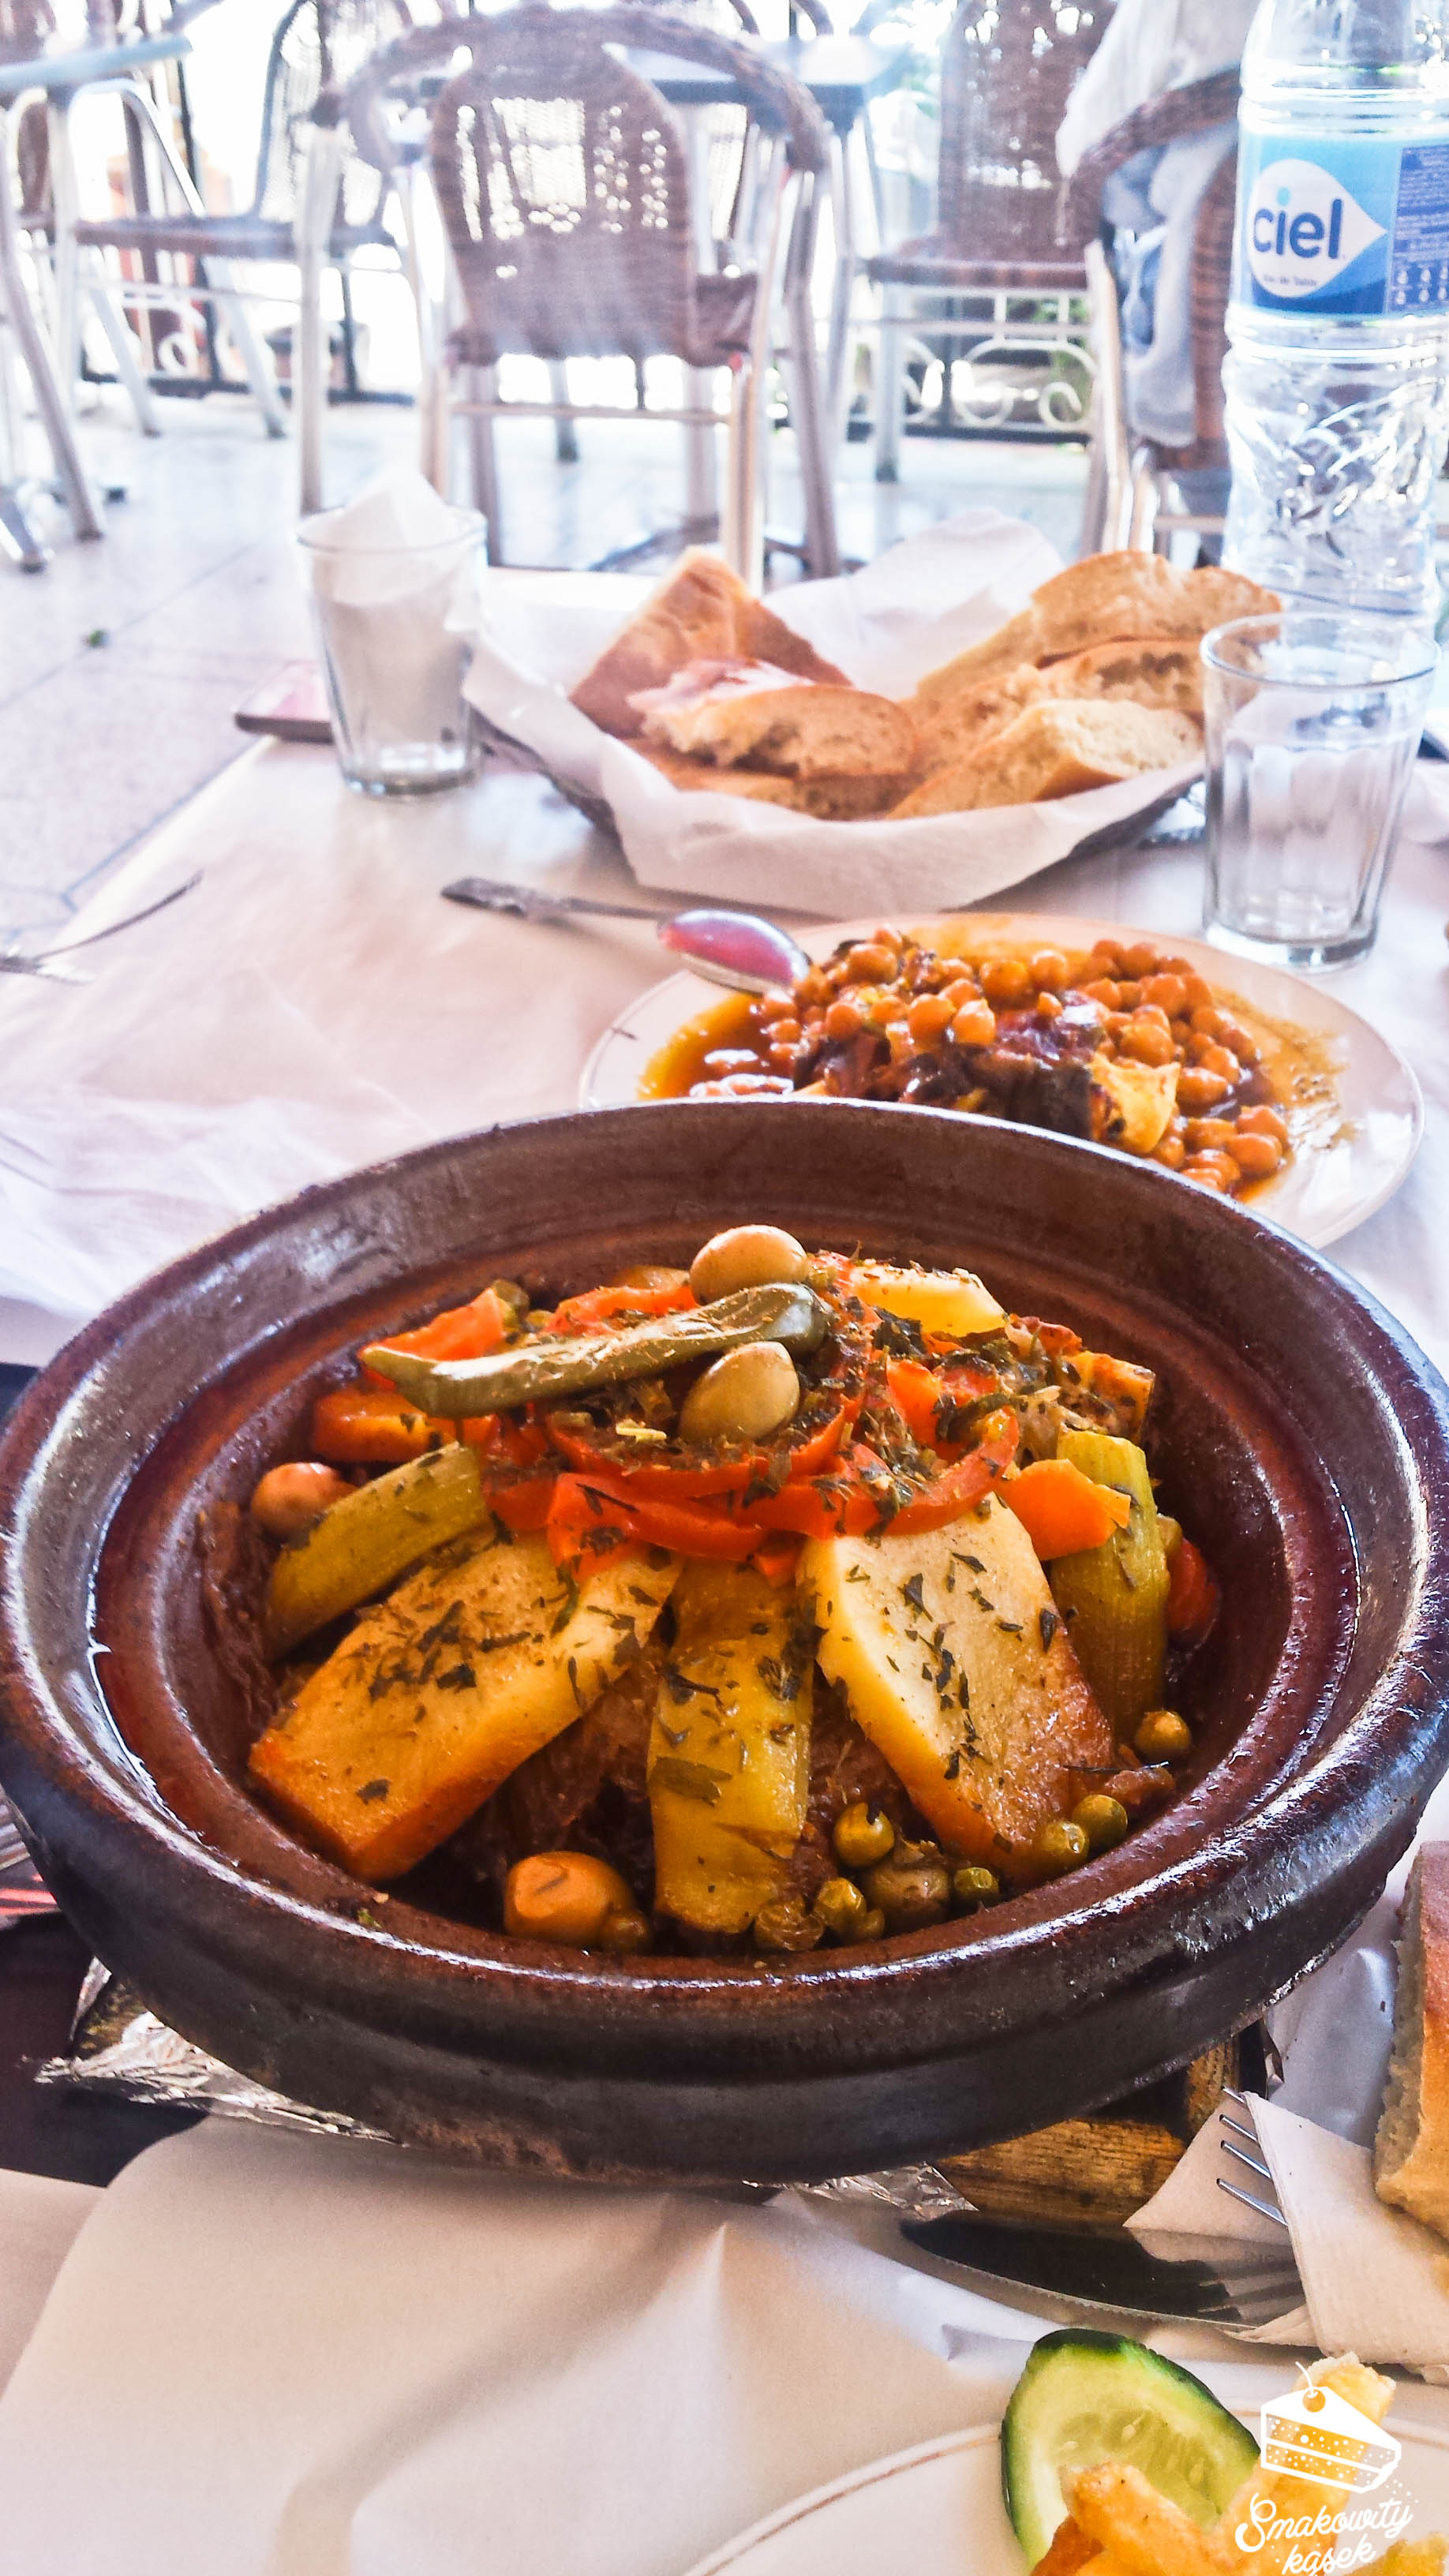 marokanskie jedzenie (1 of 1)-8